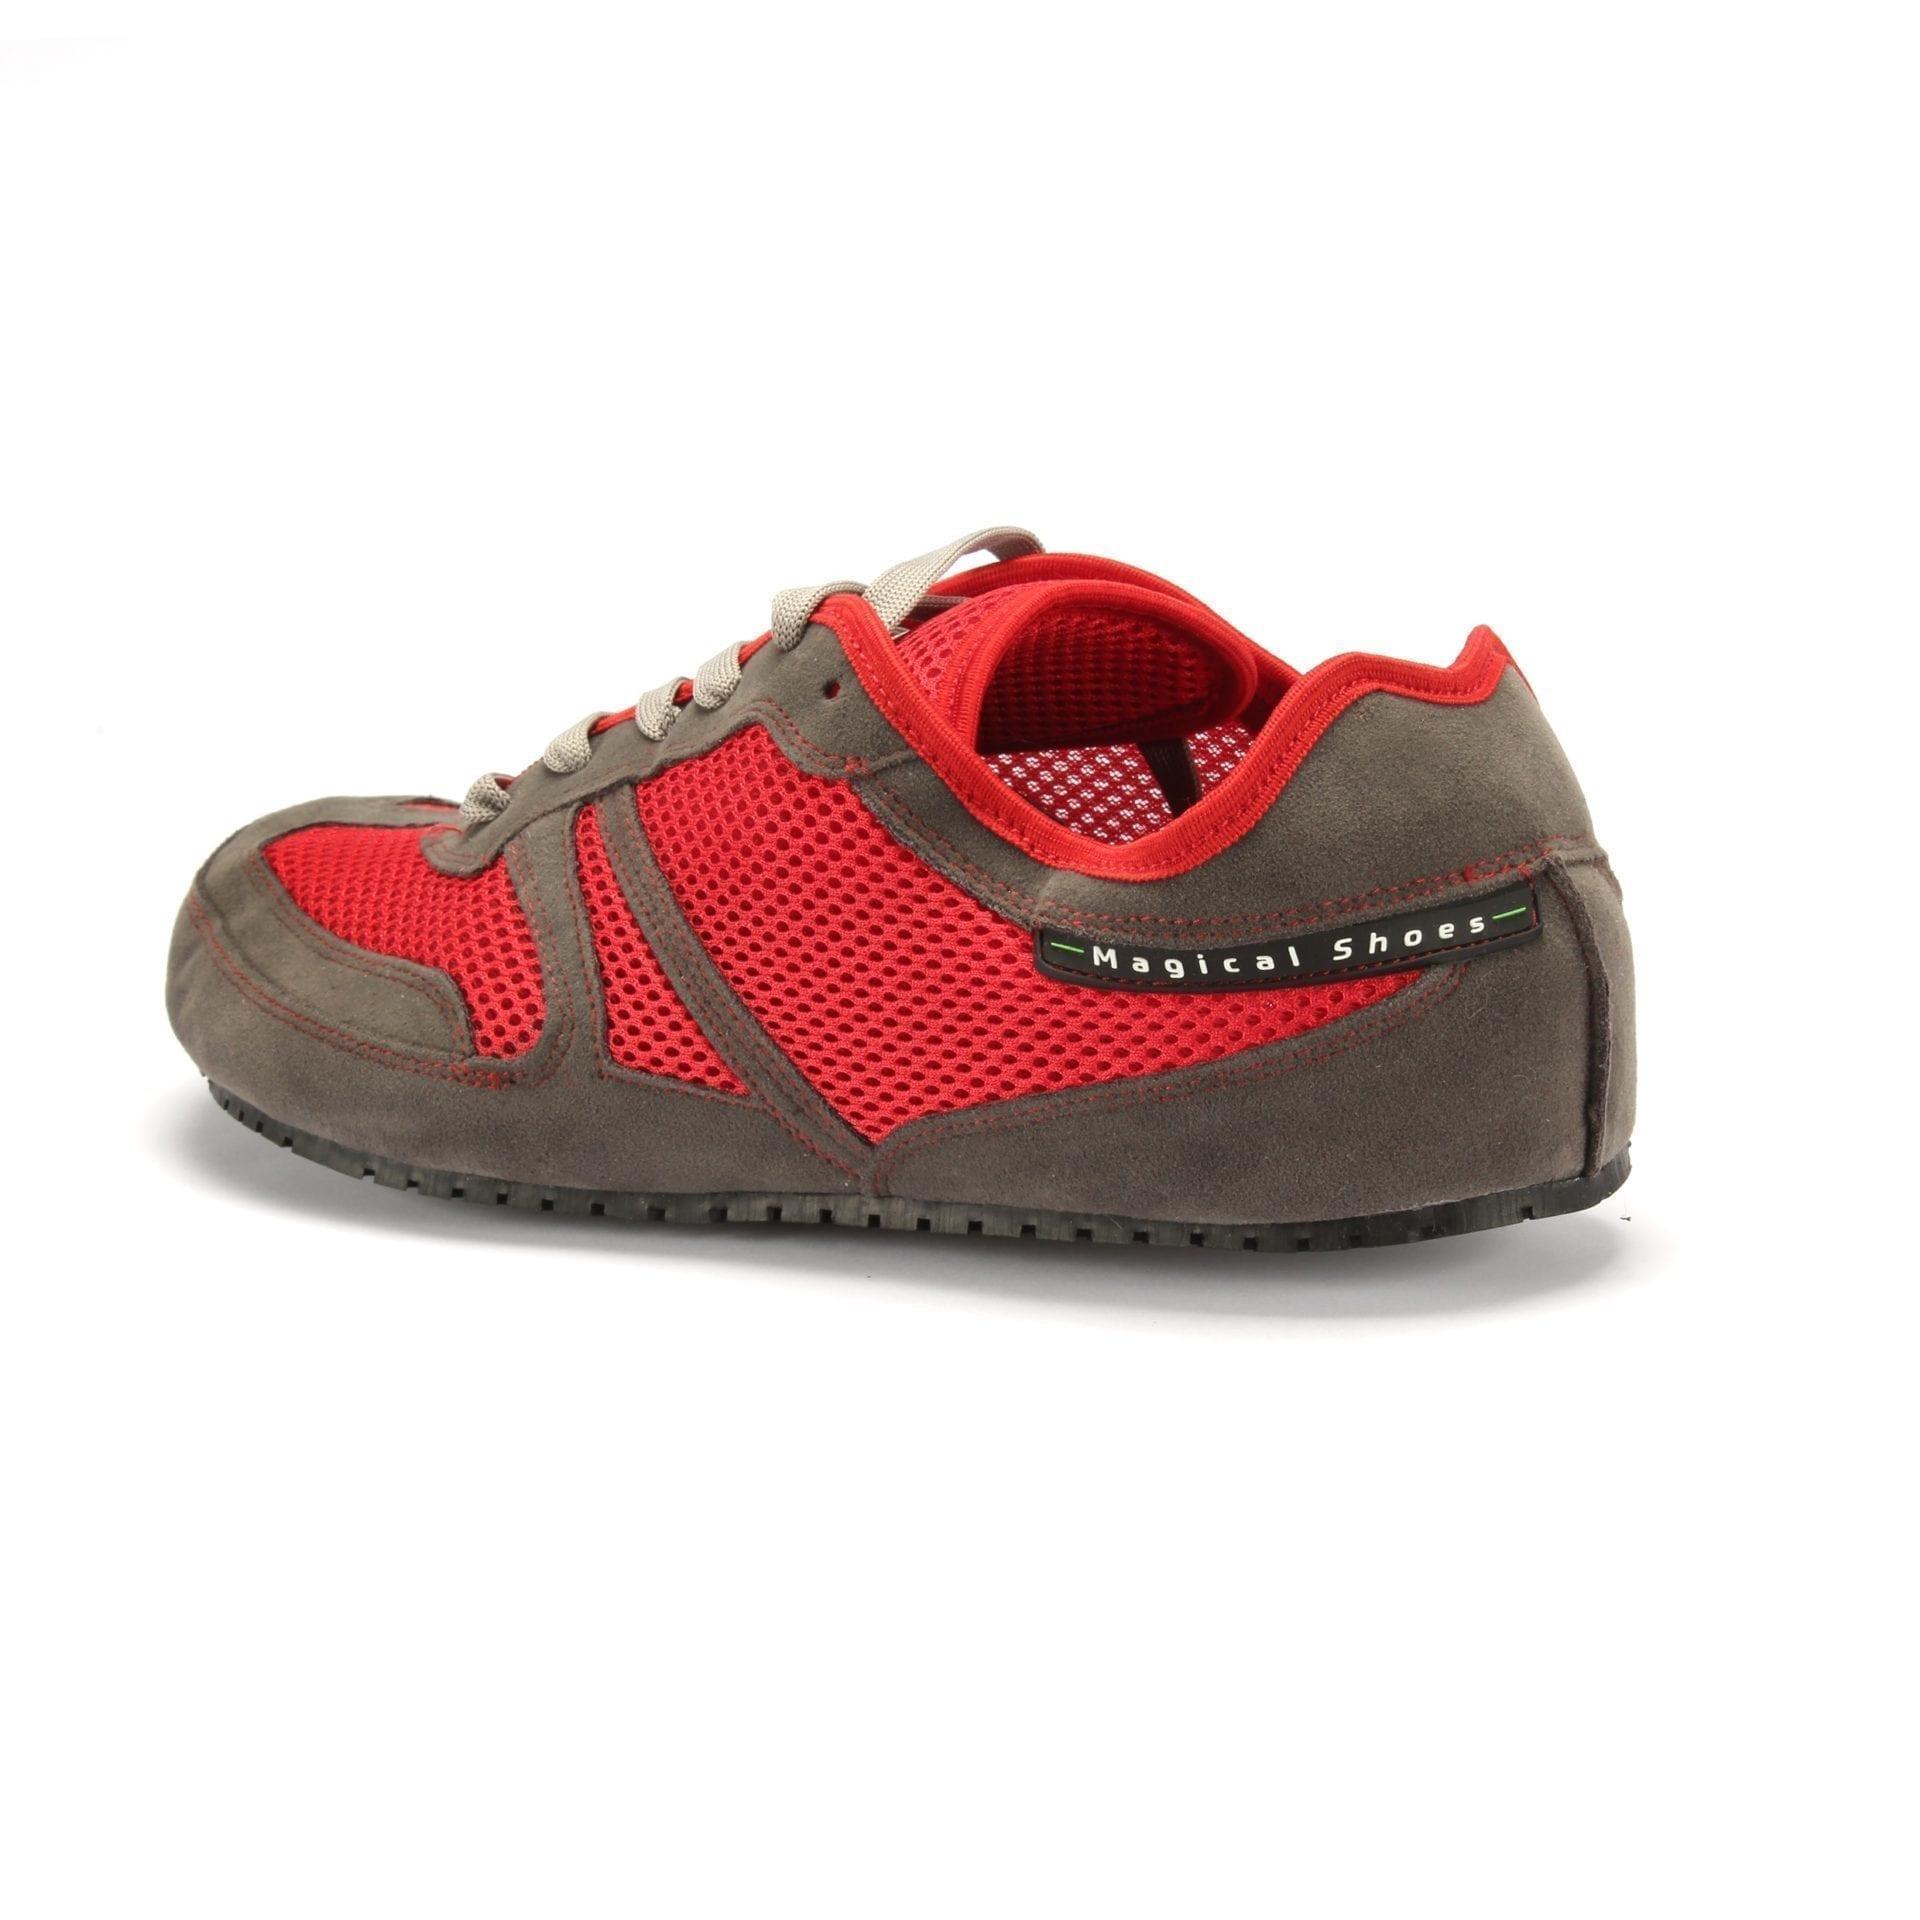 Barfußschuh-Hersteller Magical Shoes Vegan Red Barfußschuhe für natürliches und gesundes Gehen & Laufen Zero Drop